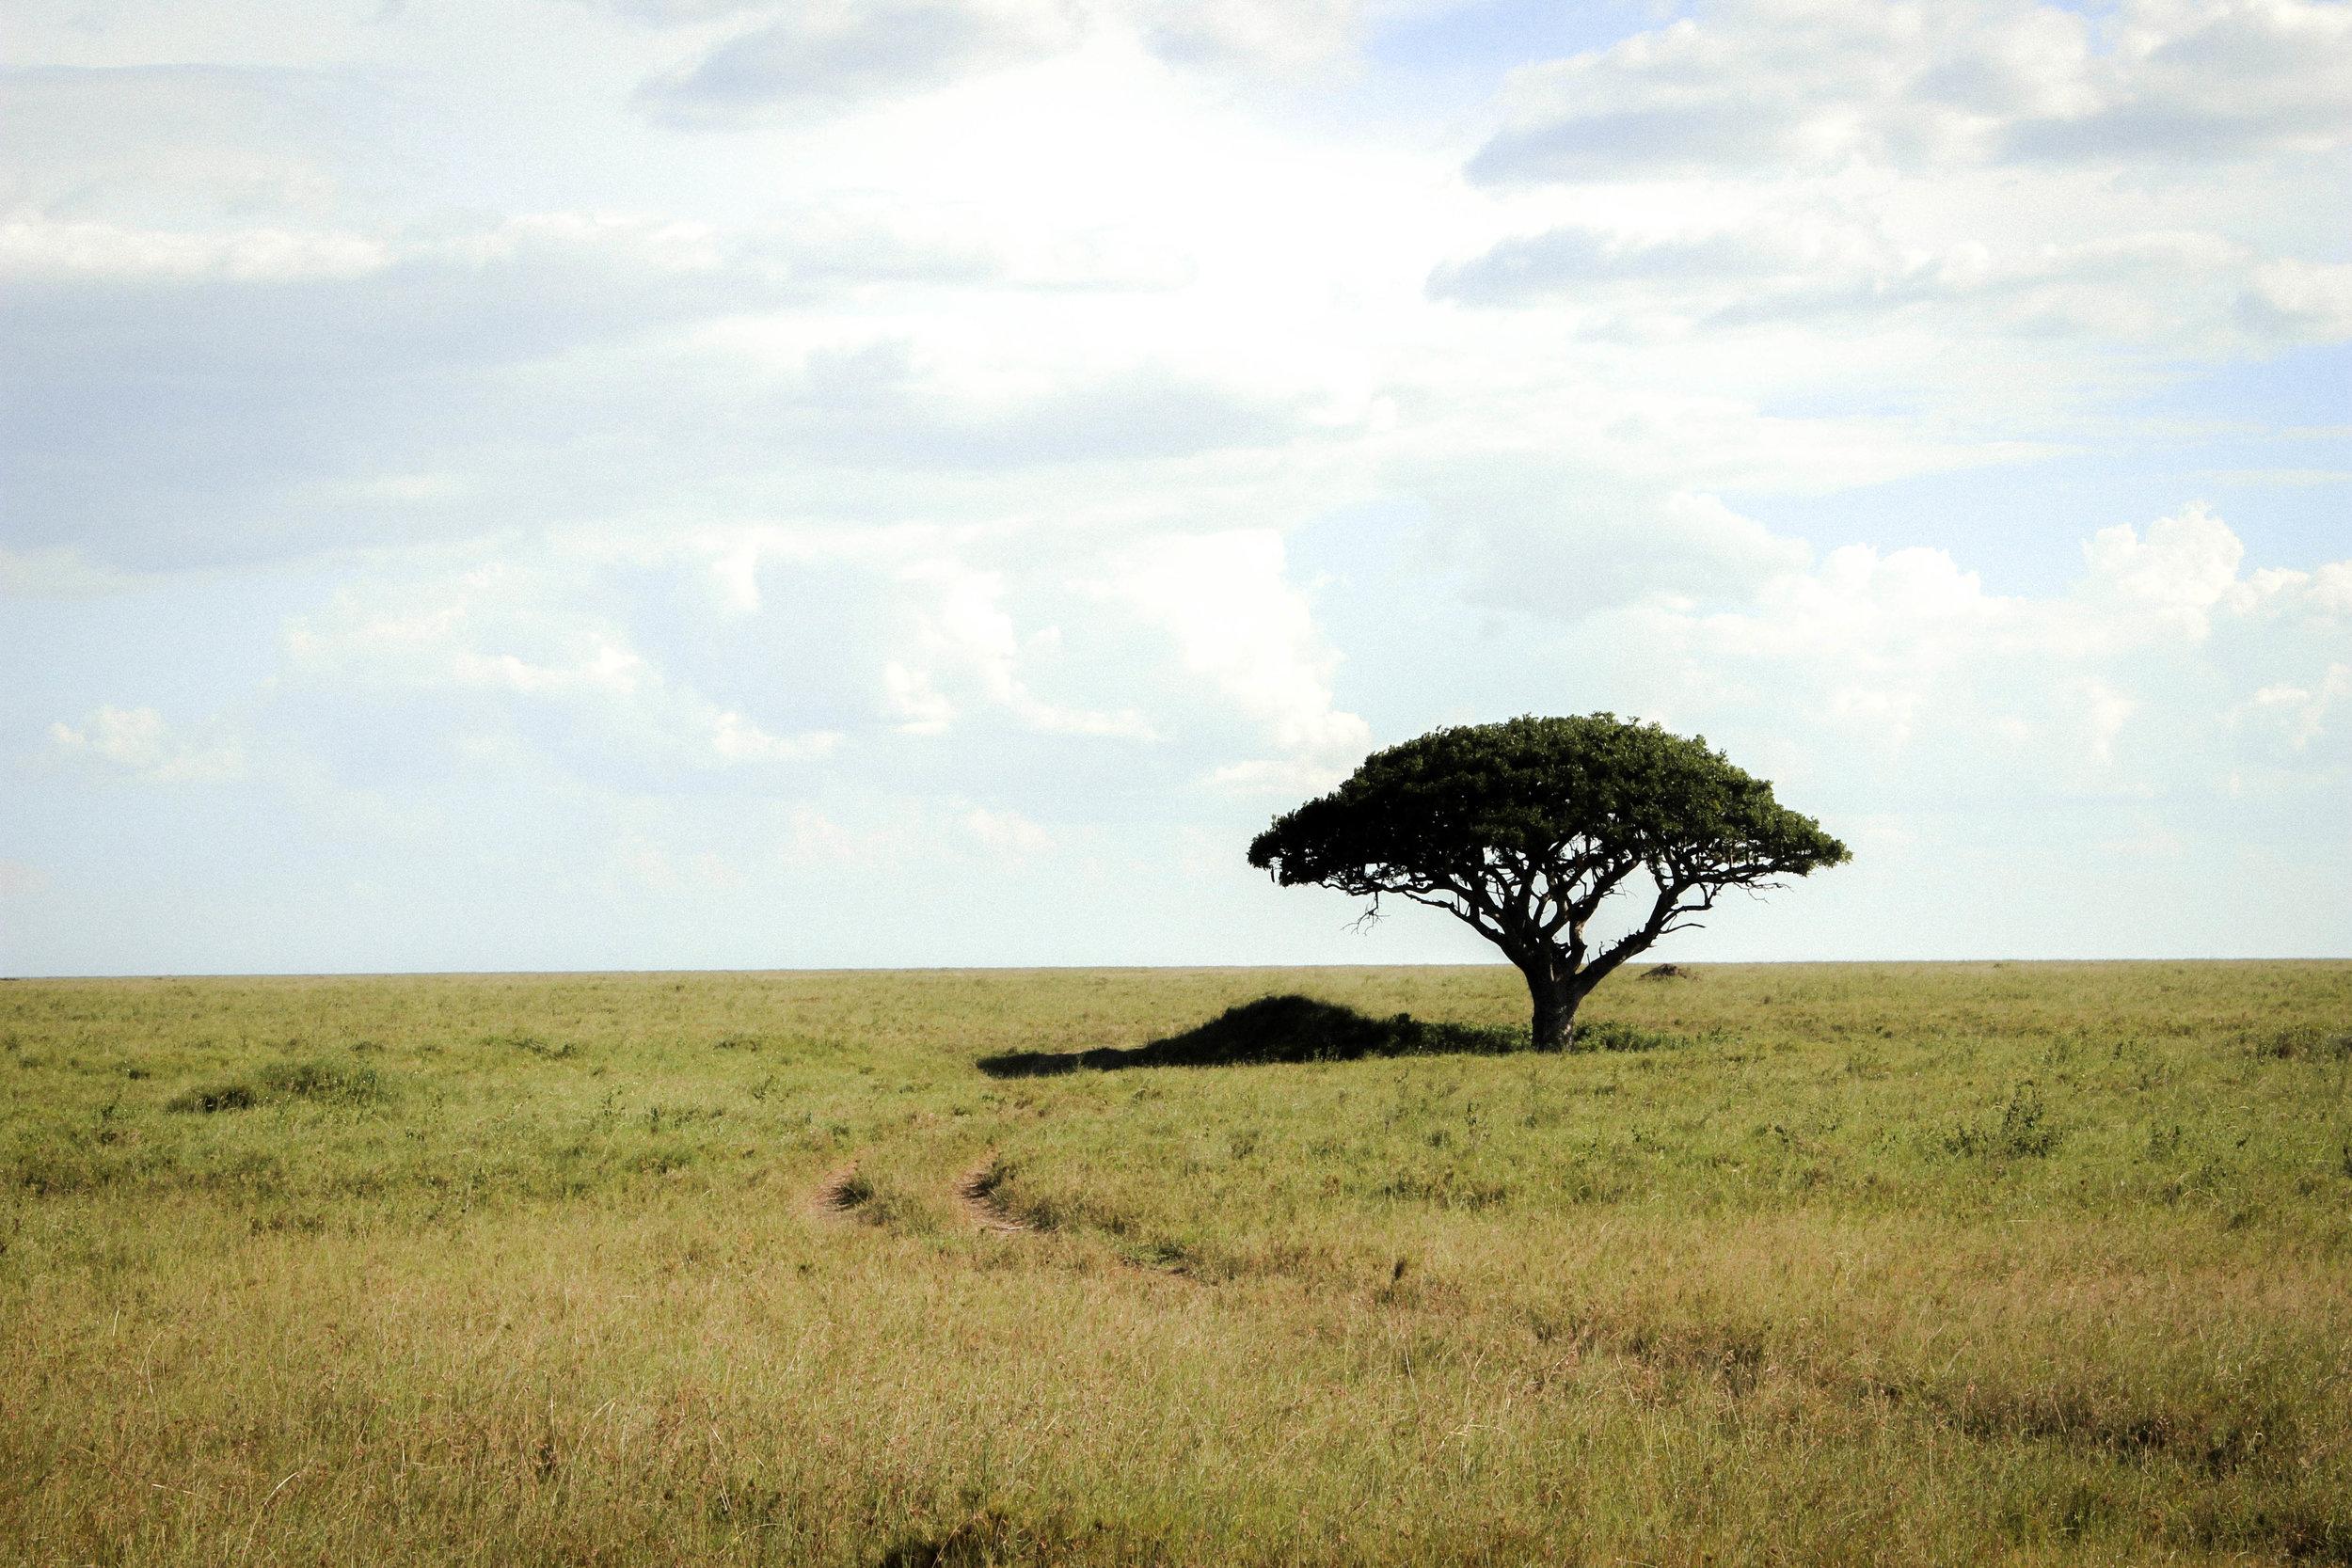 Tanzania safari traveling fro wakanda